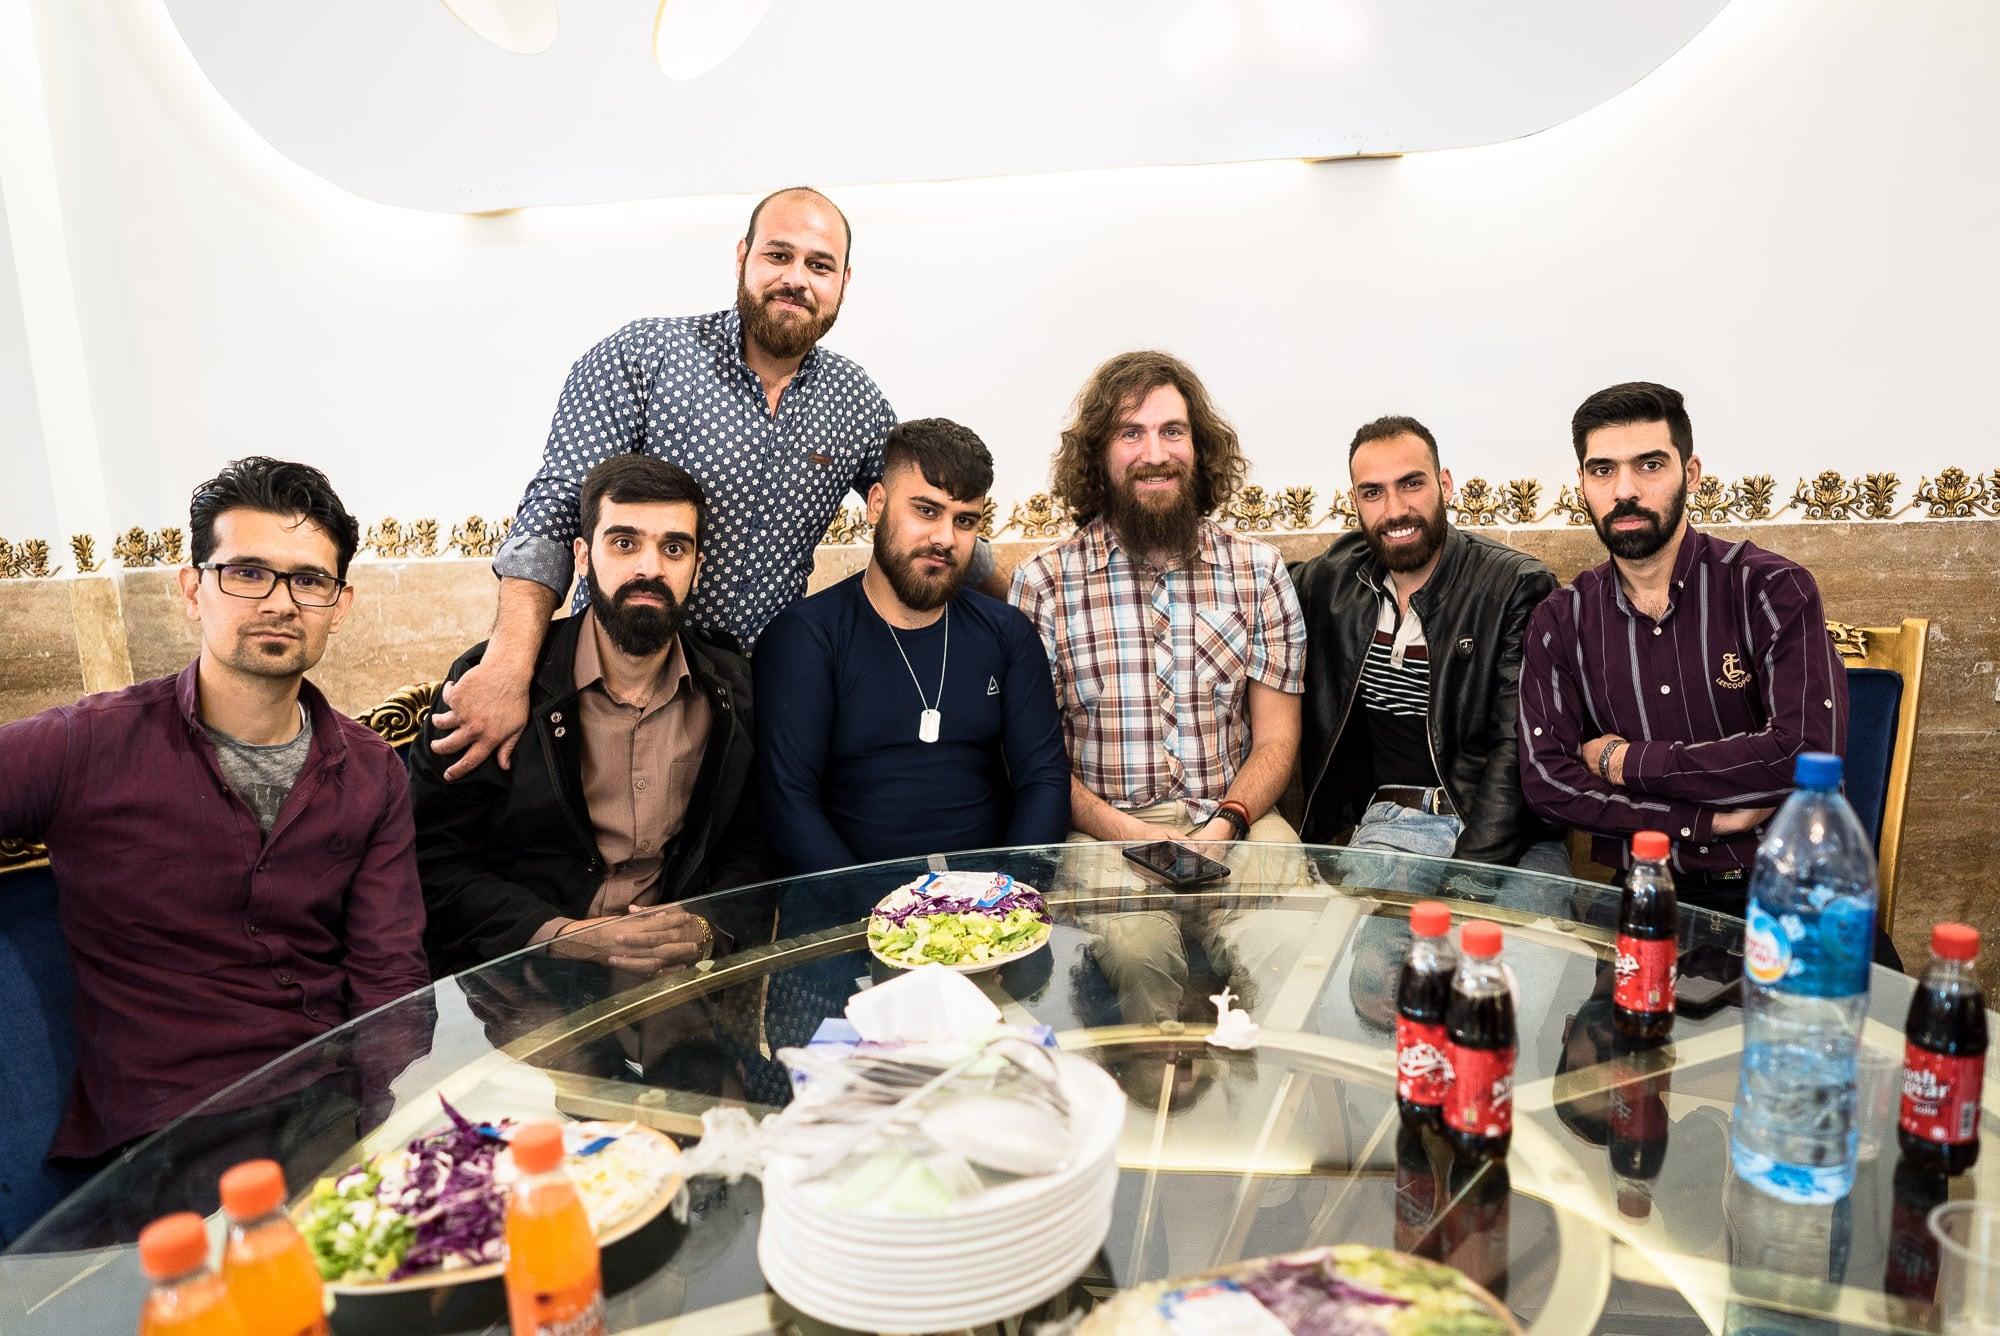 beard crew